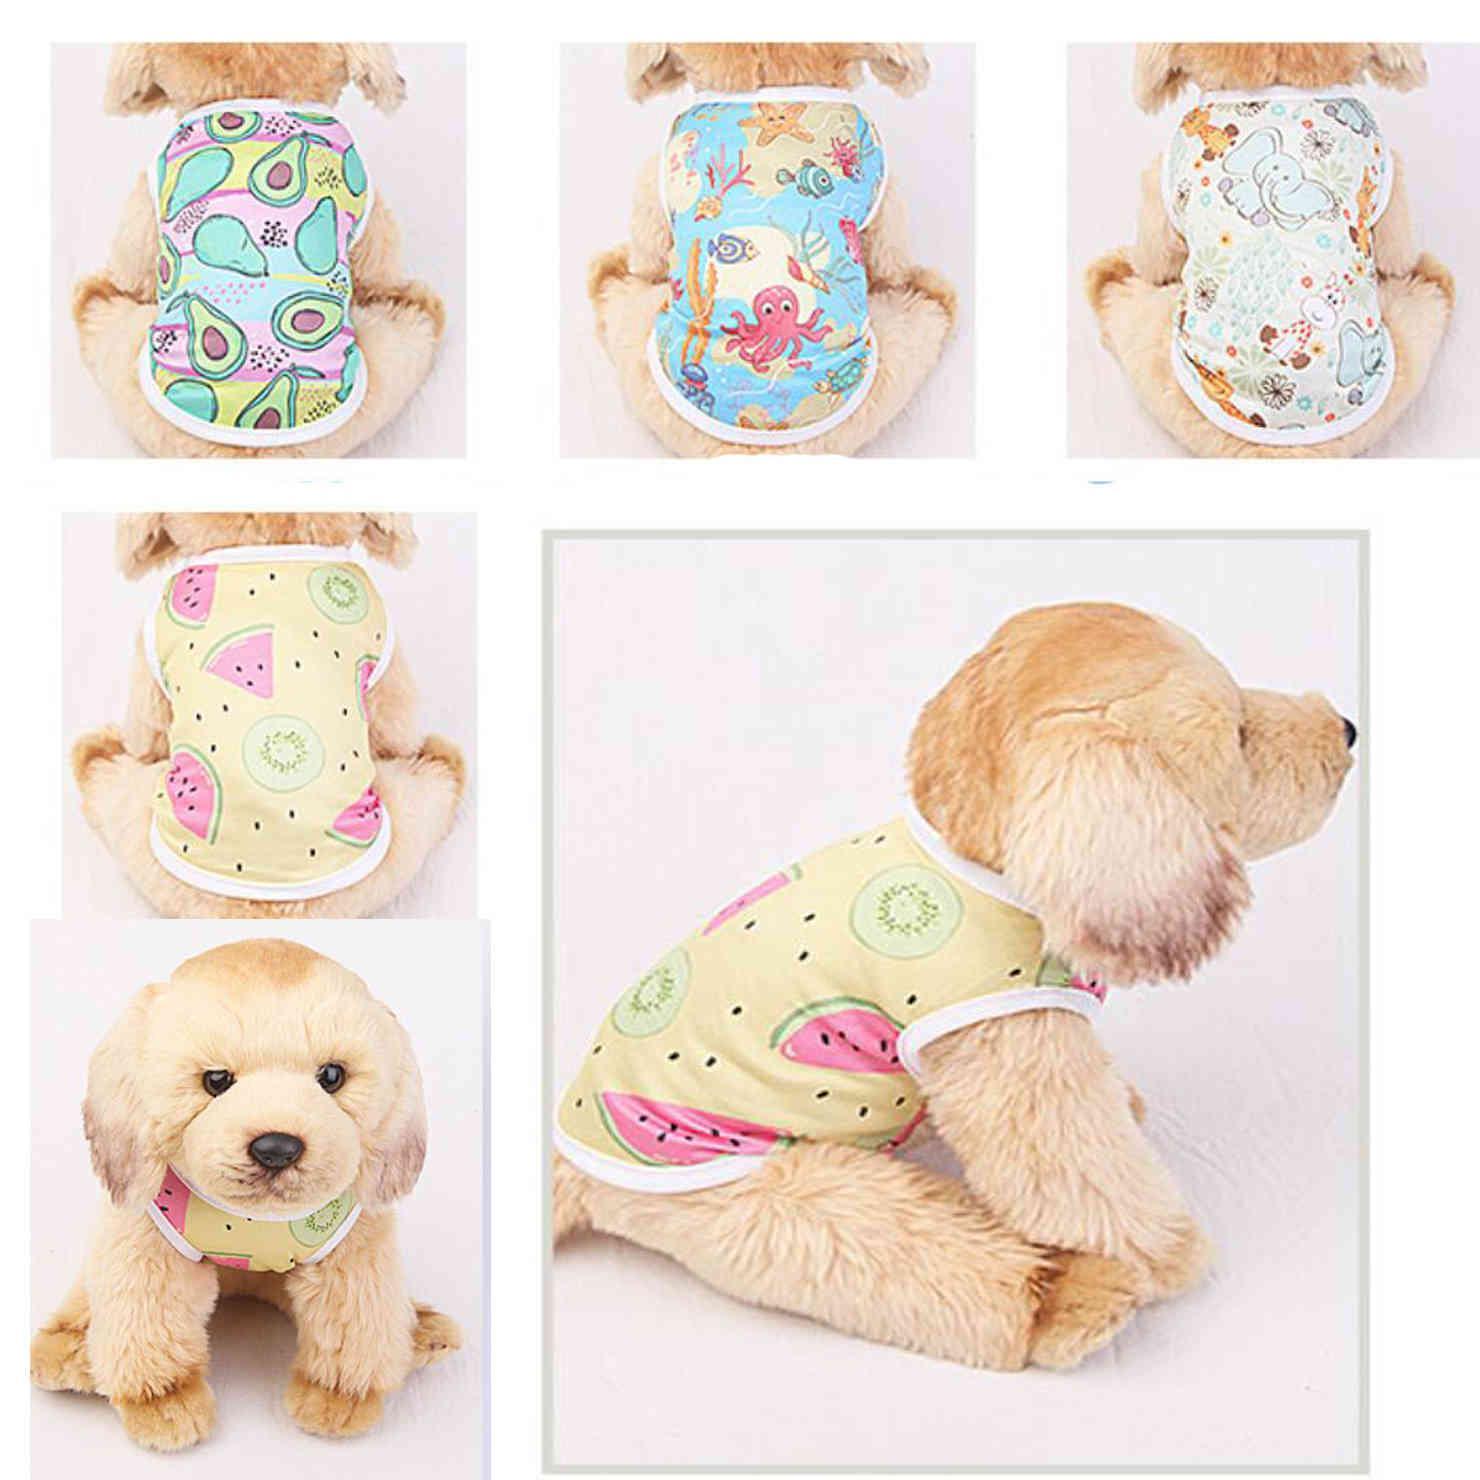 Ropa de perros de dibujos animados 2021 Ropa de perros clásicos para pequeños perros de invierno de invierno de invierno camisa encantadora ropa para perros